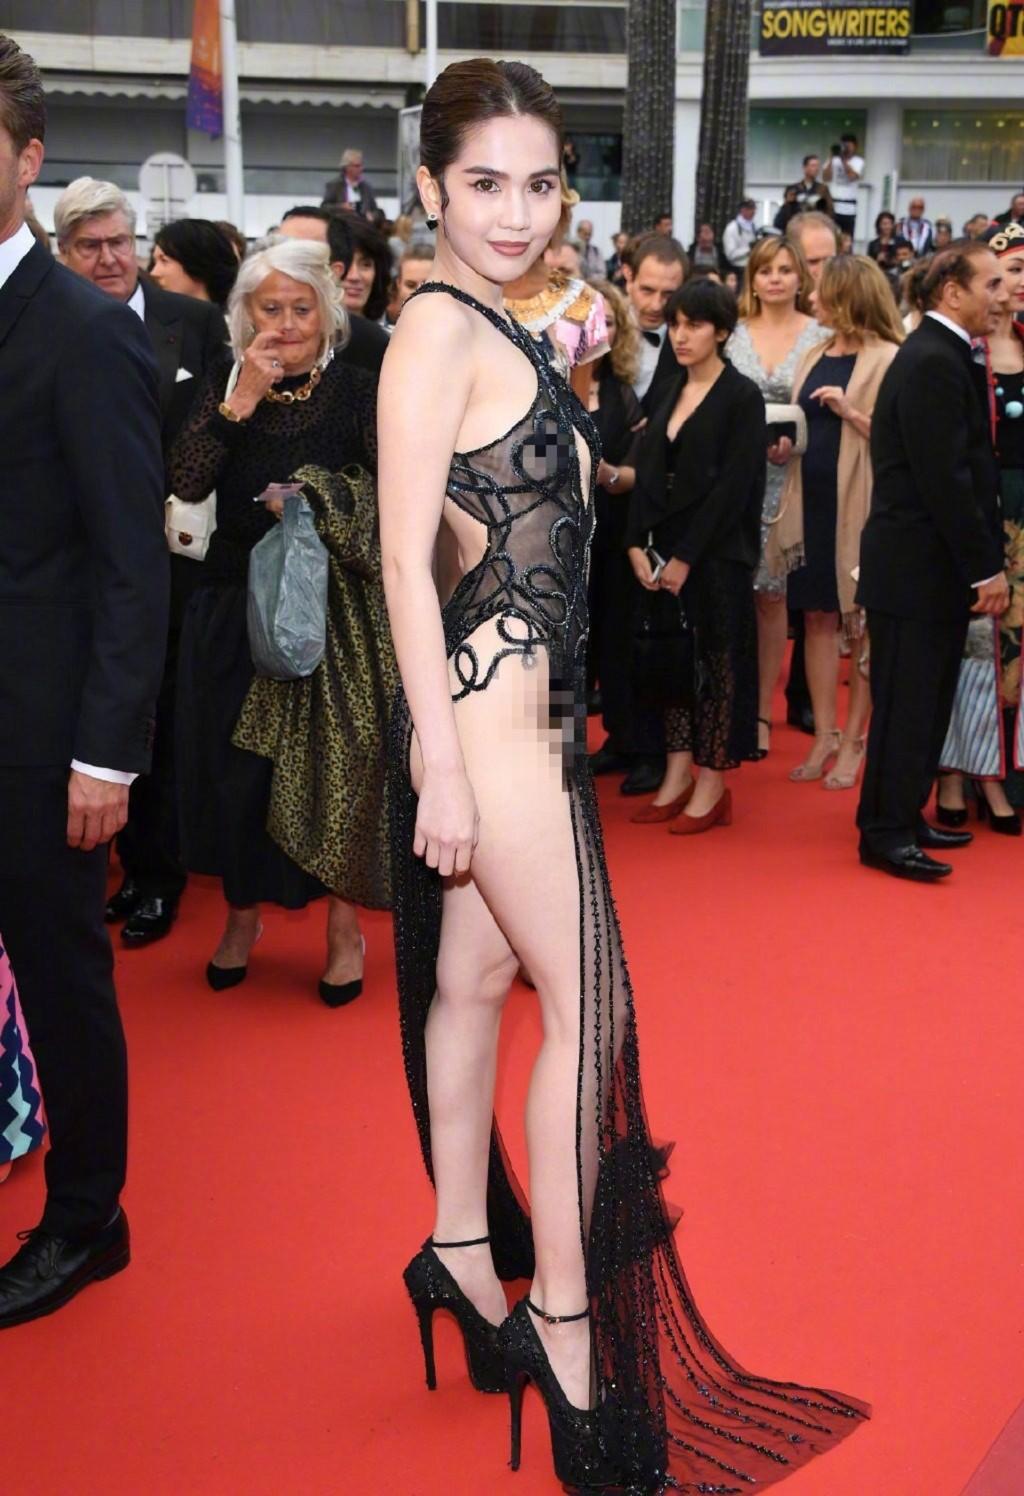 「越南第一美女」登紅毯...下半身「超大尺度」禮服引爭議!網傻眼:是不是走錯場了